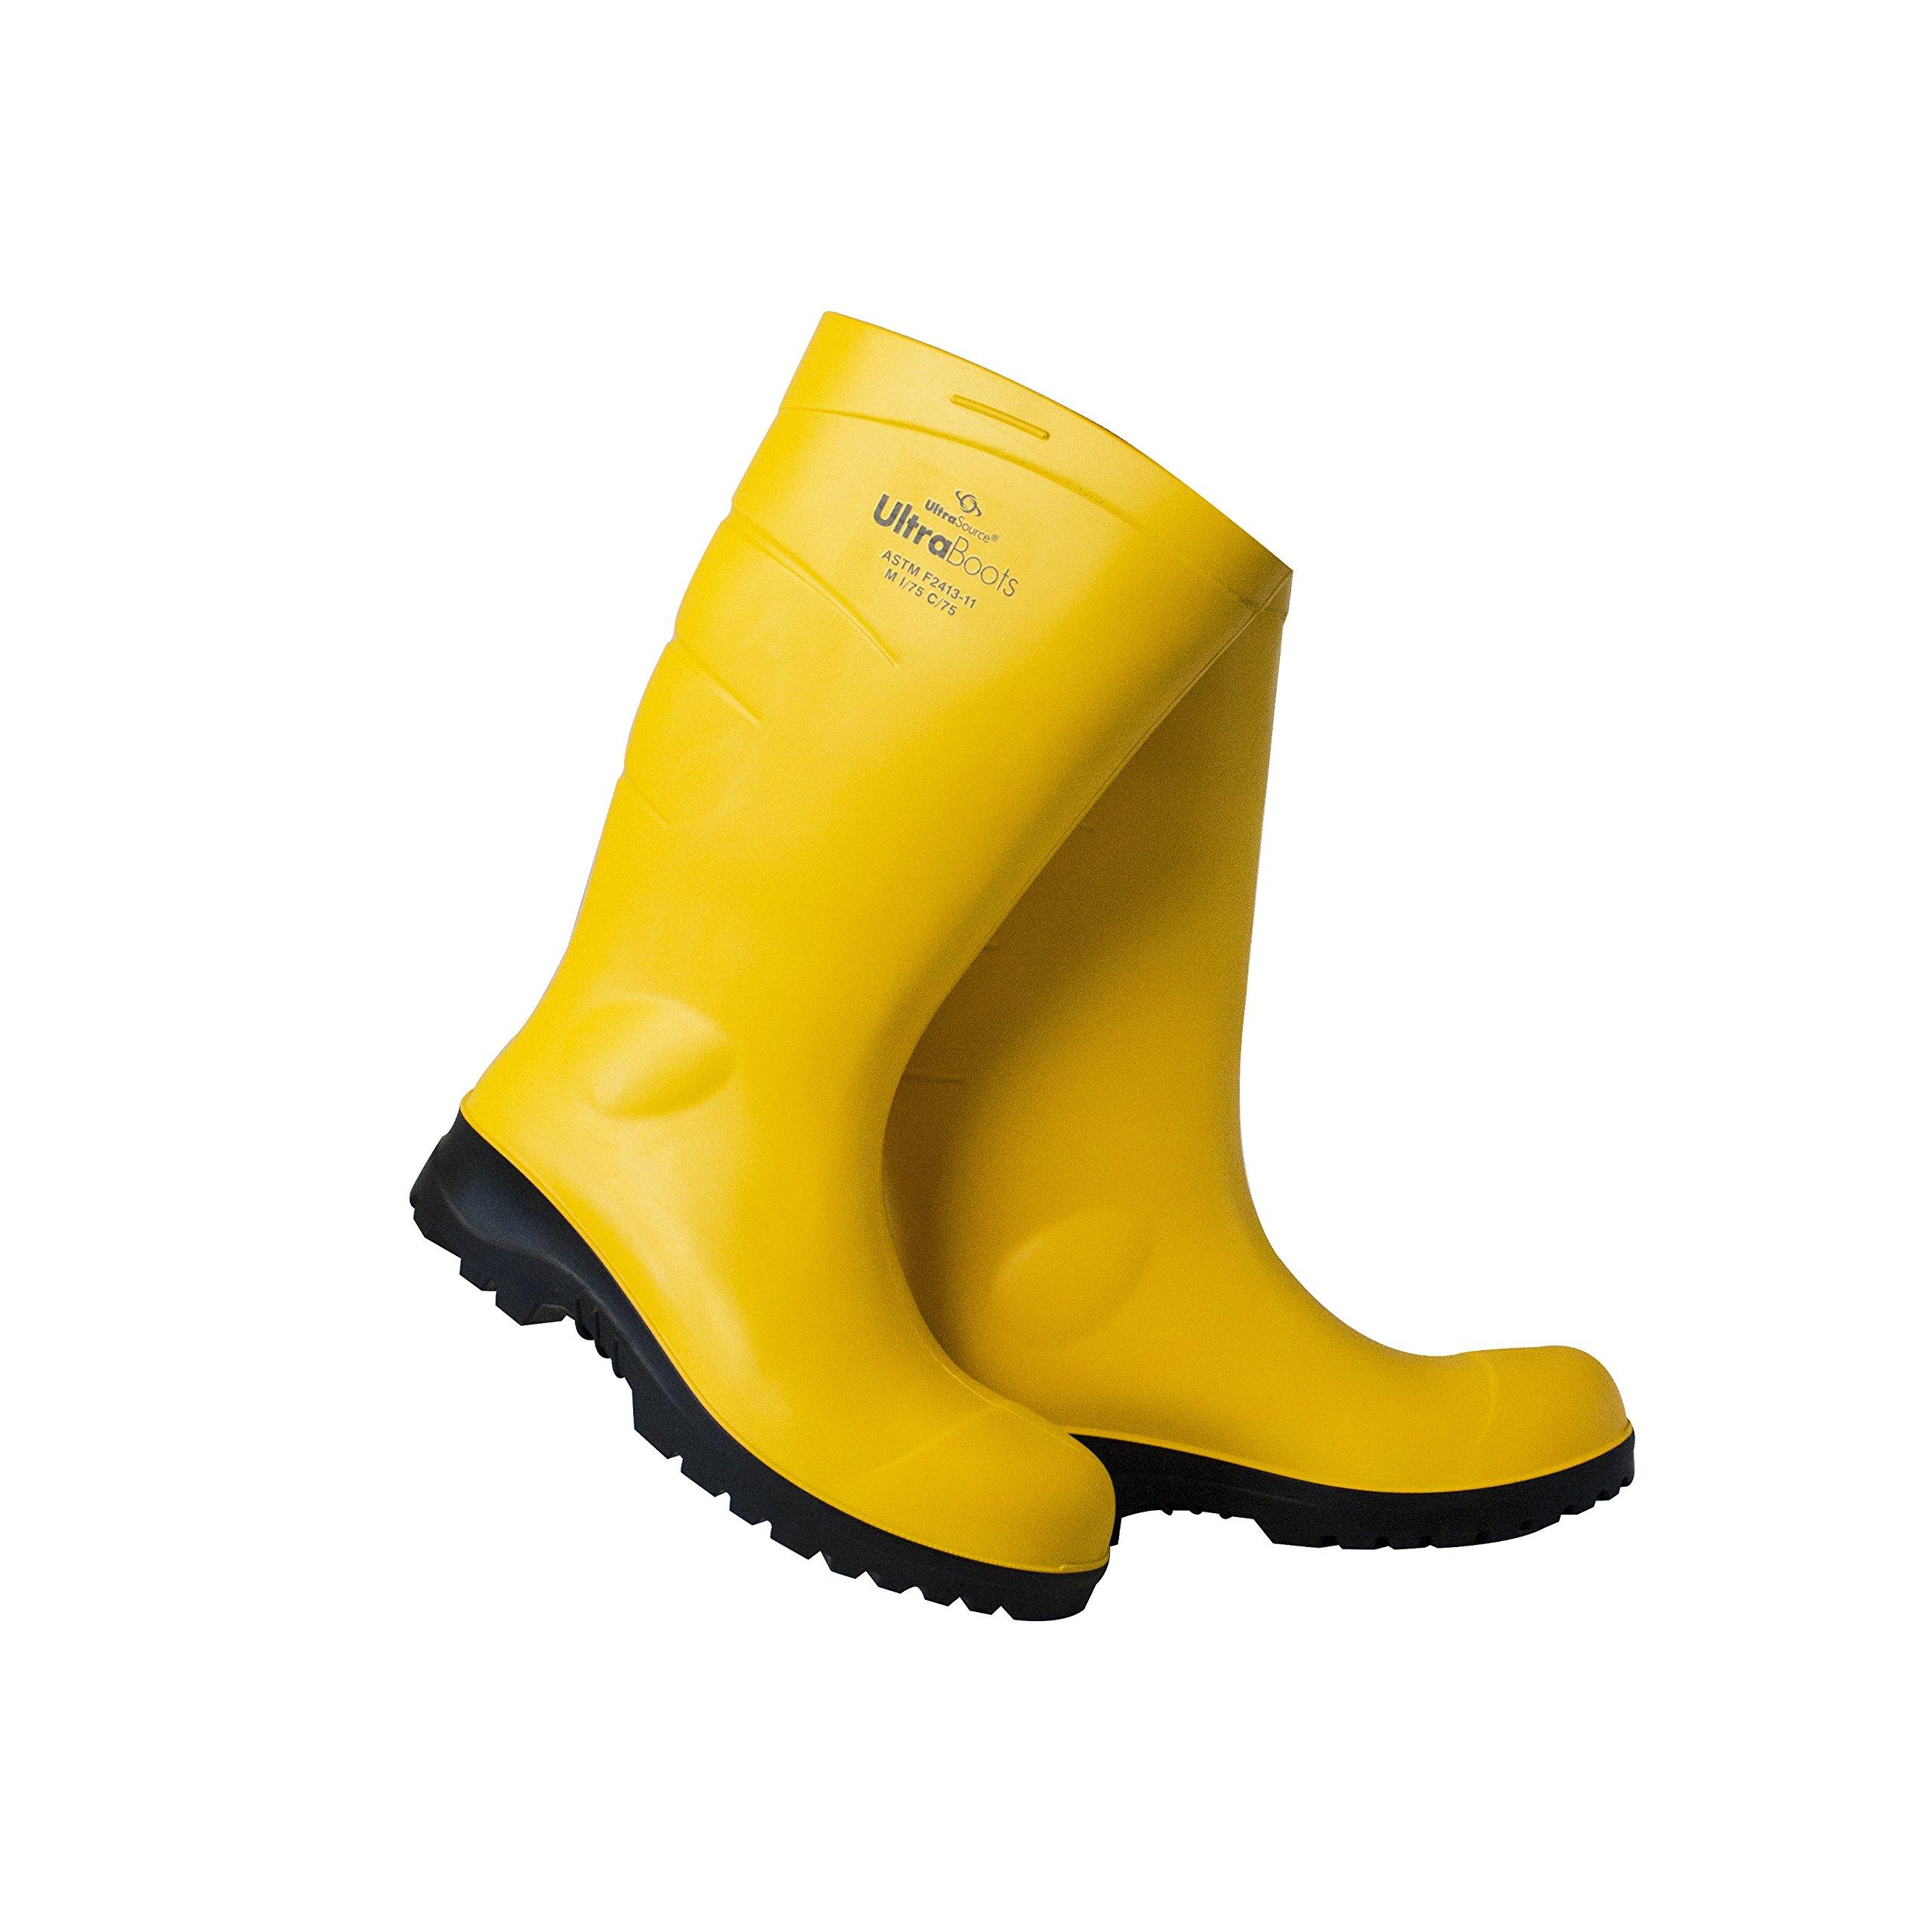 UltraSource Polyurethane Steel Toe Work Boots, Yellow, Size 10